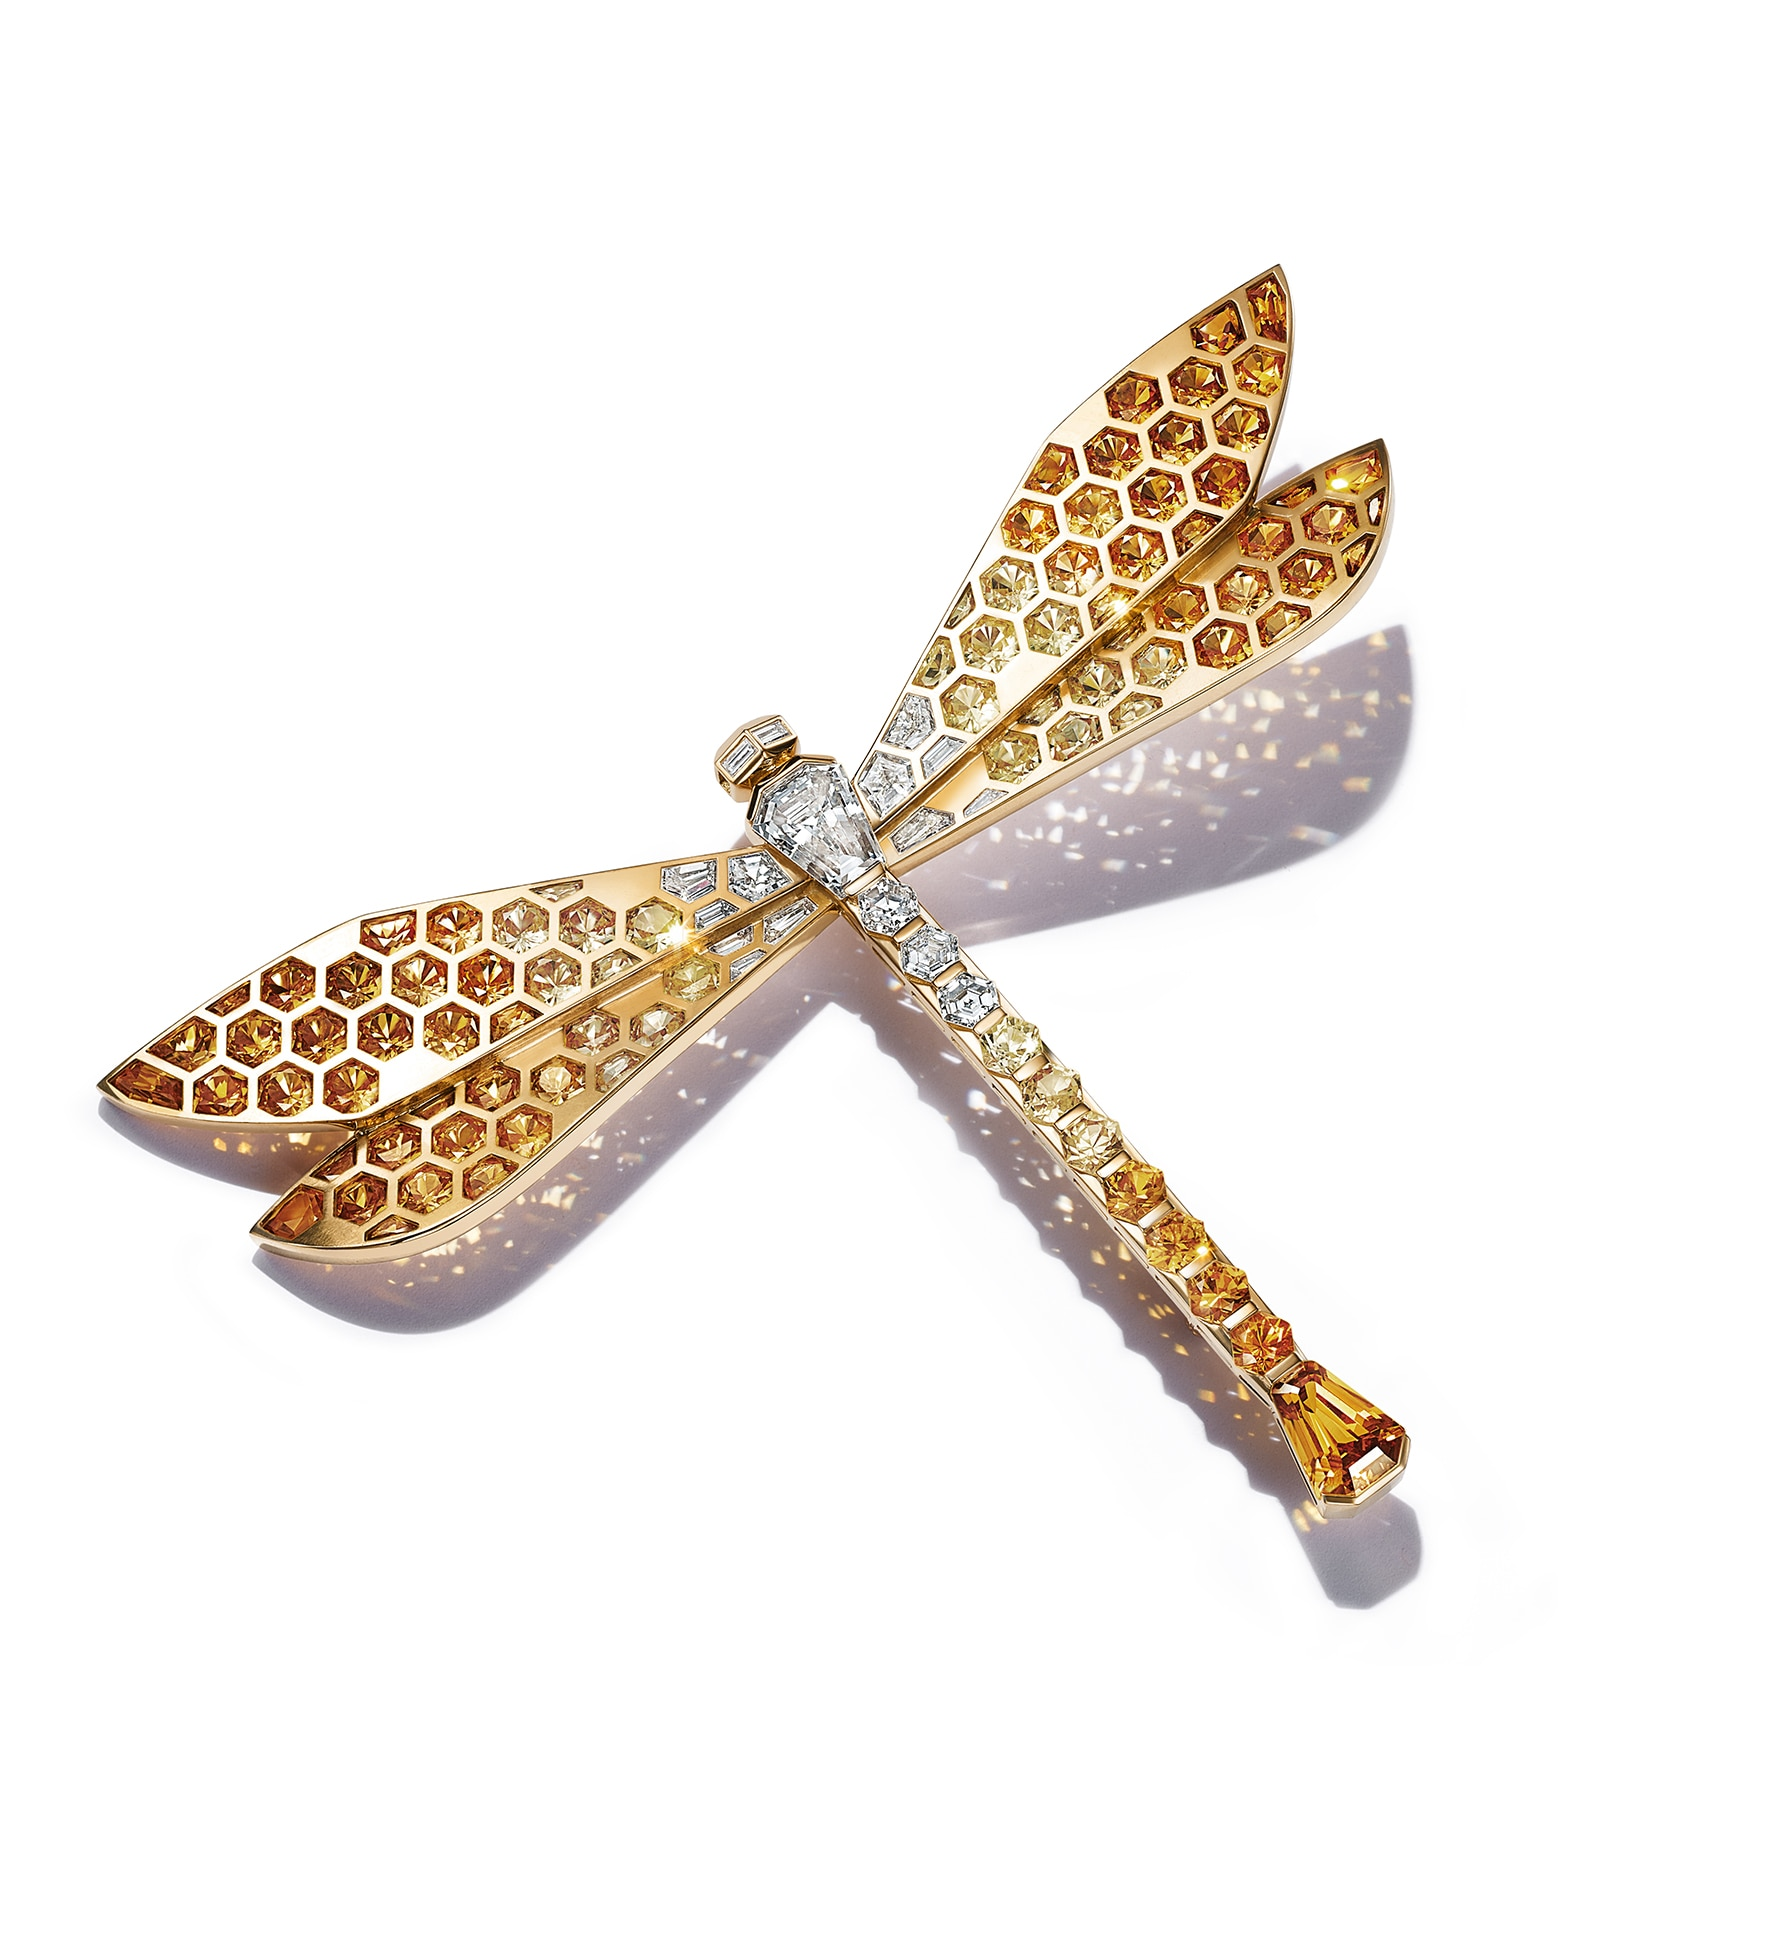 Spilla Dragonfly in oro giallo, con zaffiri multicolor (39 ct) e diamanti (oltre 5 ct), collezione Tiffany Blue Book 2021, Colors ofNature, TIFFANY & CO..